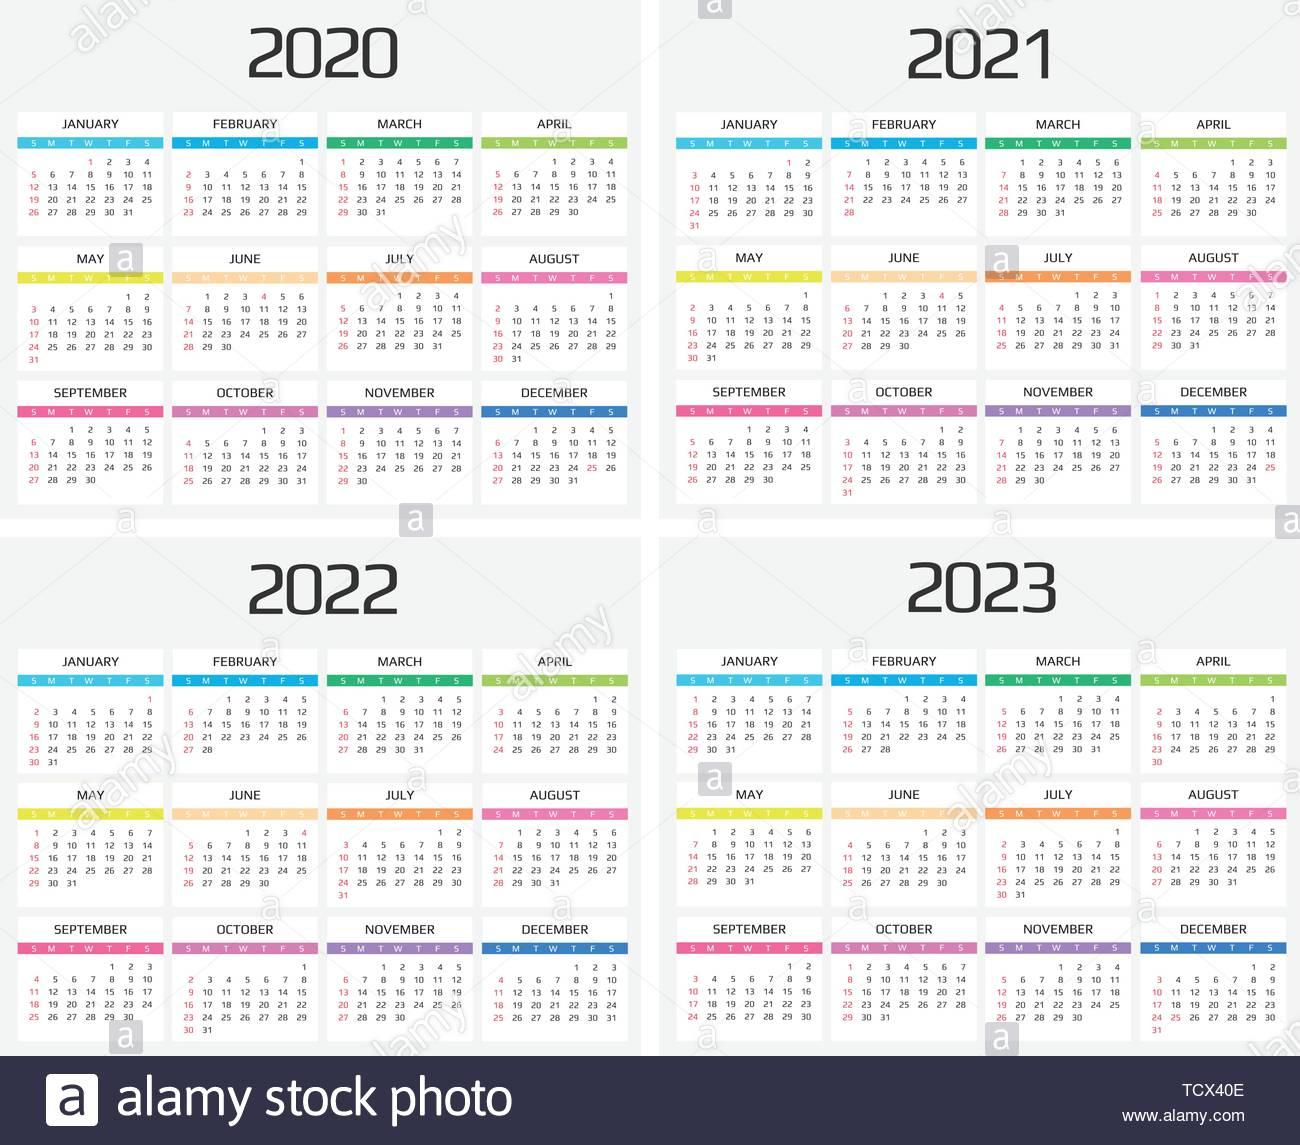 El Calendario 2020, 2021, 2022, 2023 Plantilla. 12 Meses